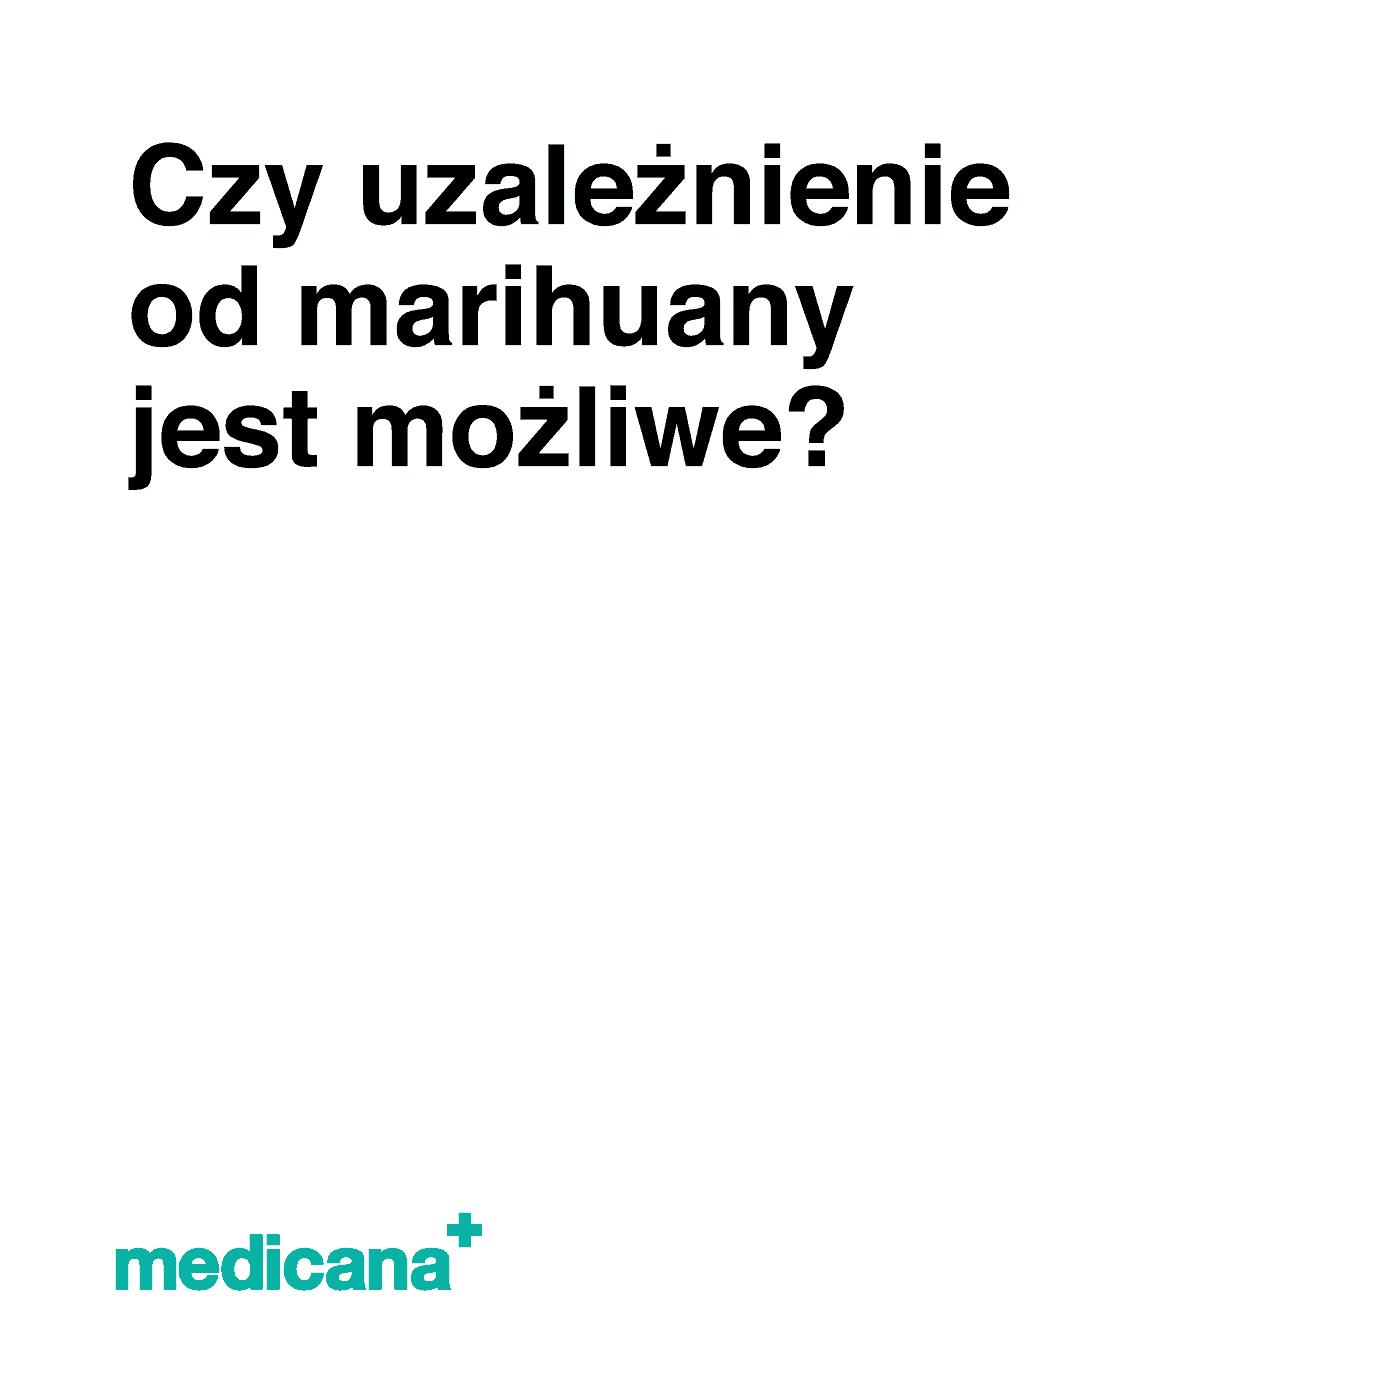 """Grafika, na białym tle czarny napis """"Czy uzależnienie od marihuany jest możliwe?"""" oraz zielonym logo Medicana w lewym dolnym rogu."""